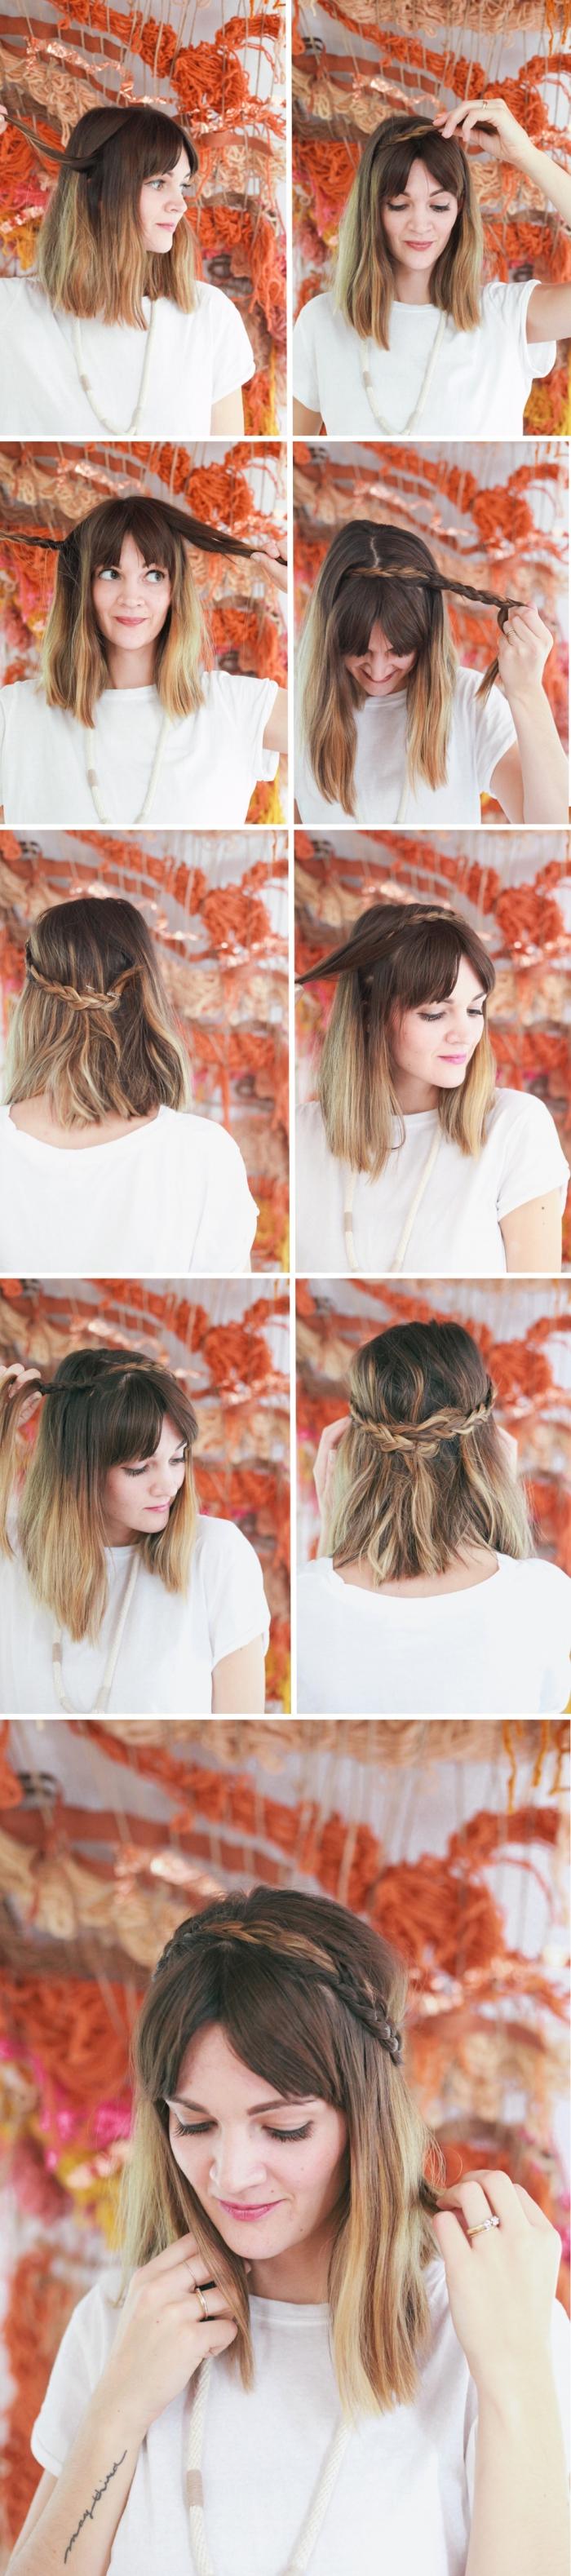 quelle coiffure facile a faire seule pour cheveux mi longs, pas à pas coiffure cheveux lâchés avec couronne tressée, tuto coiffure cheveux mi long facile et rapide